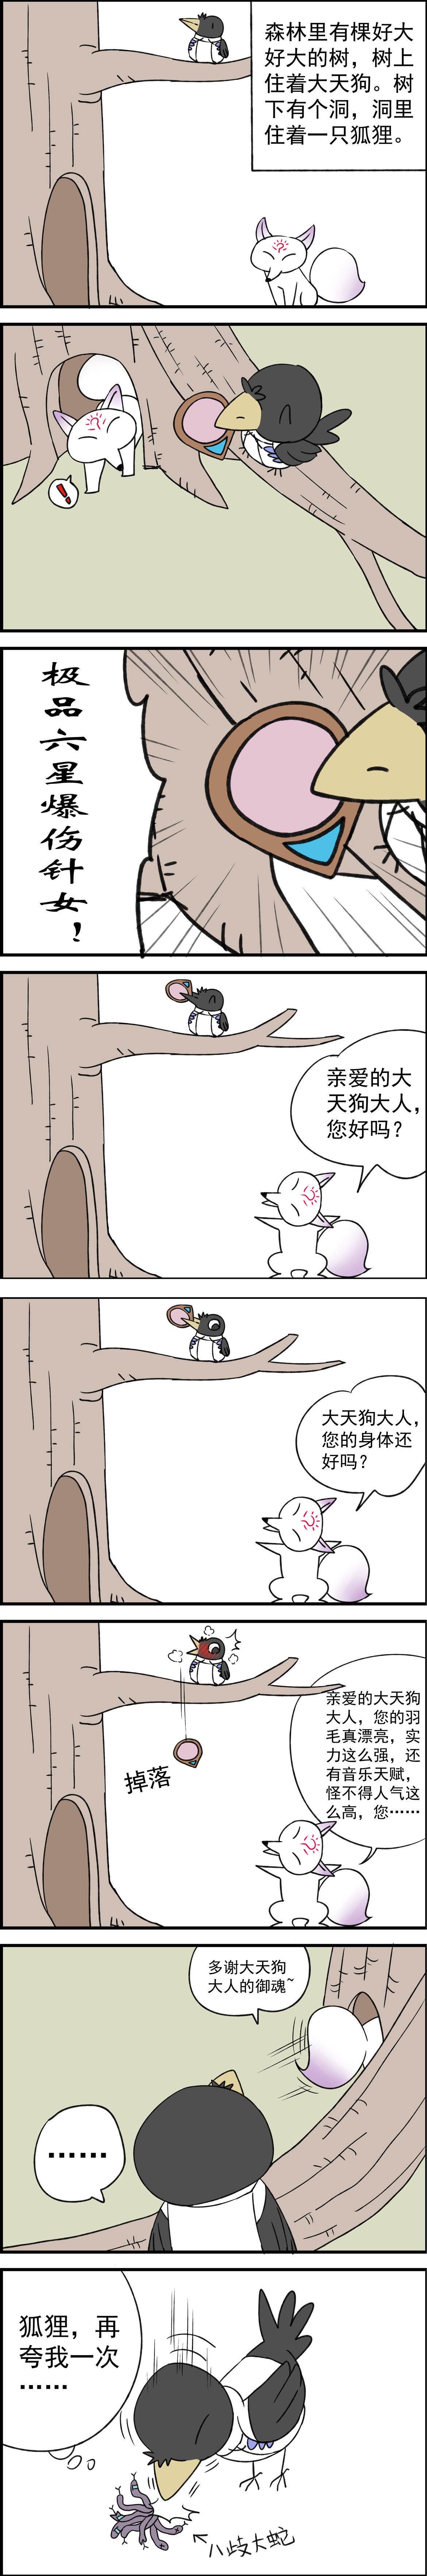 狐狸和乌鸦的故事合并.jpg